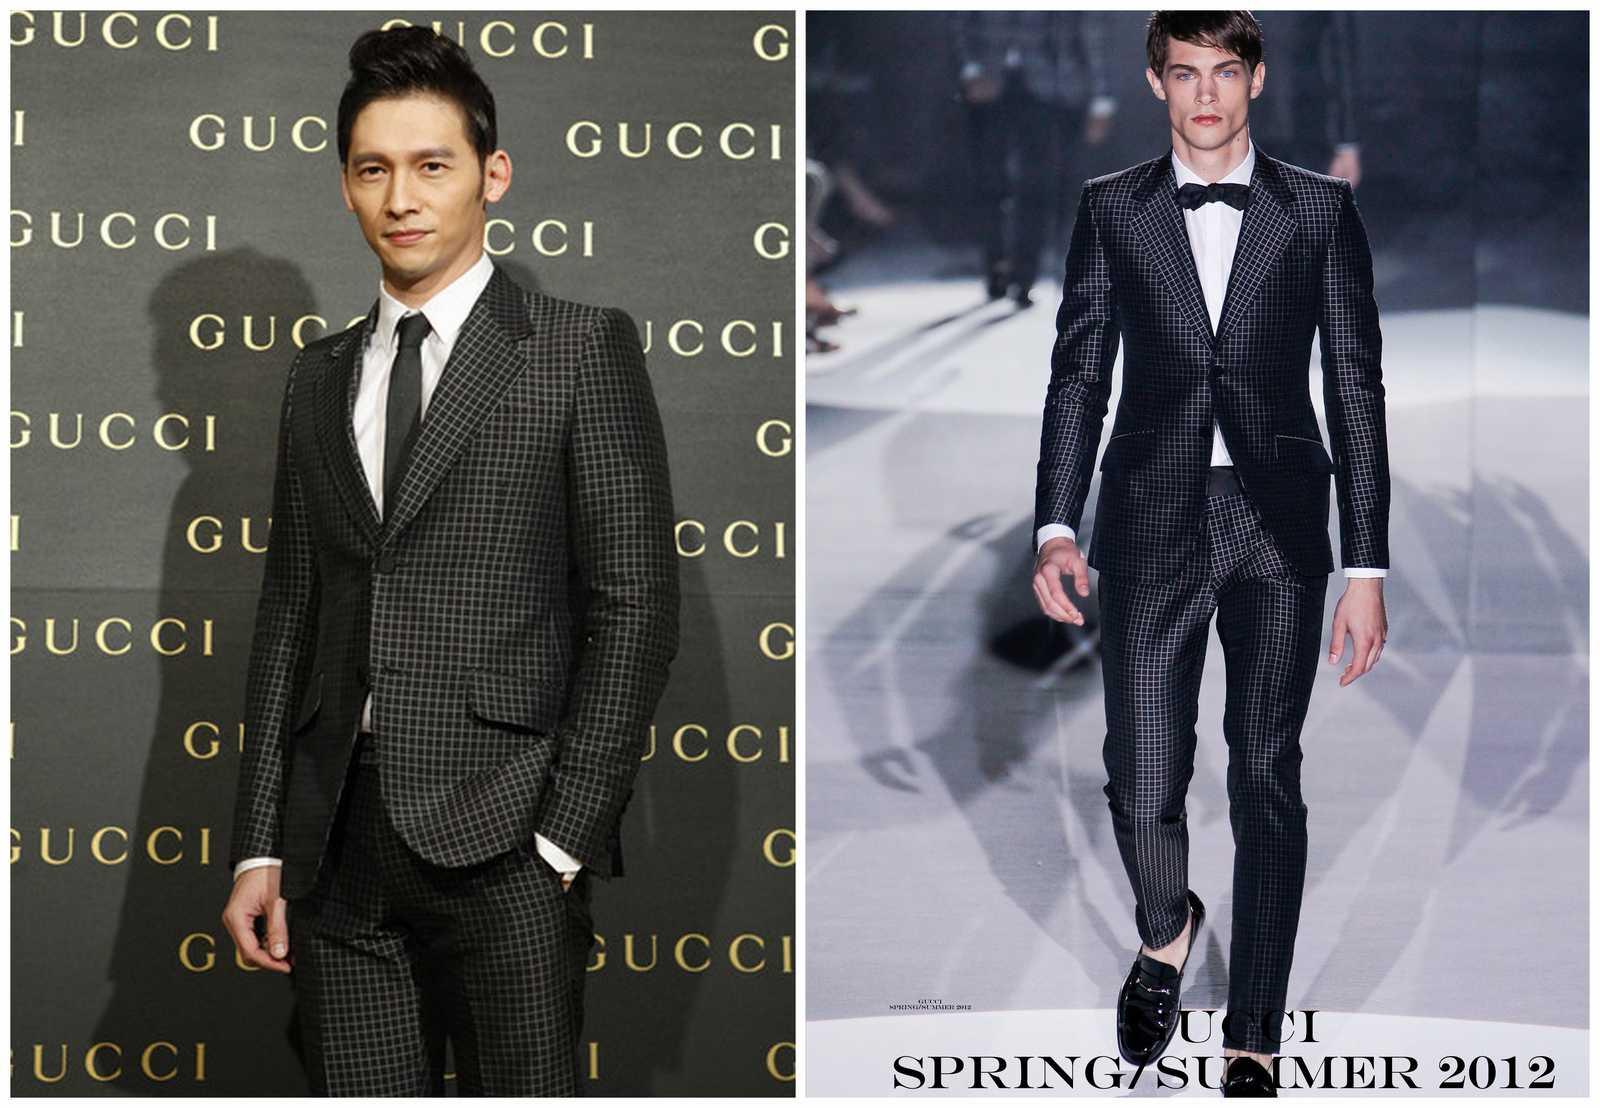 138c7d8fb Con motivo de la apertura de una nueva tienda en Taipei de la firma  italiana Gucci, el actor James Wen acudió vestido en un traje color negro  con estampado ...